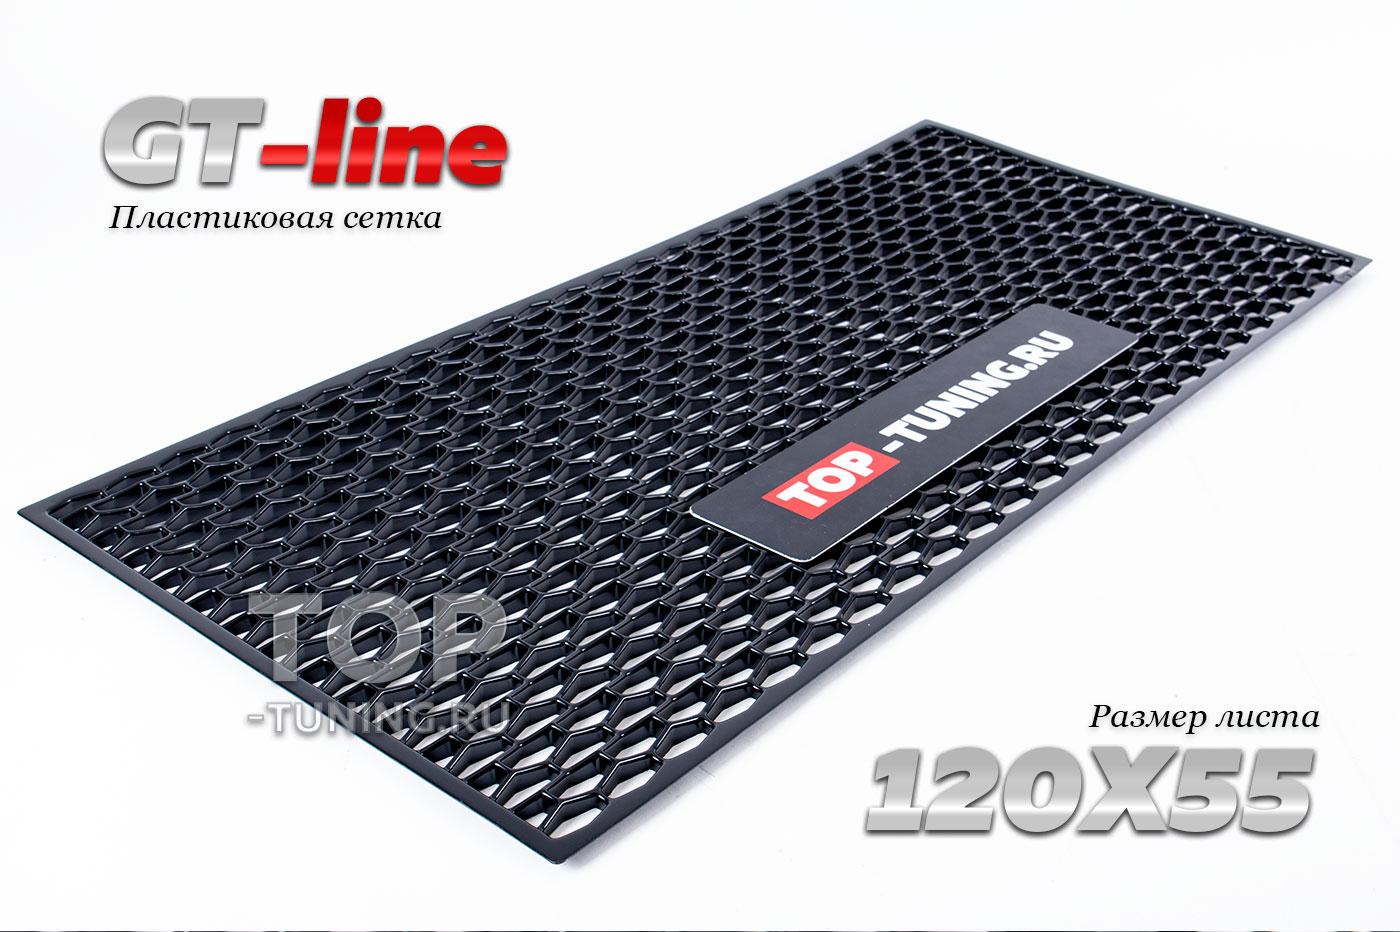 10493 Тюнинг сетка GT-Line 120 x 55 см - купить